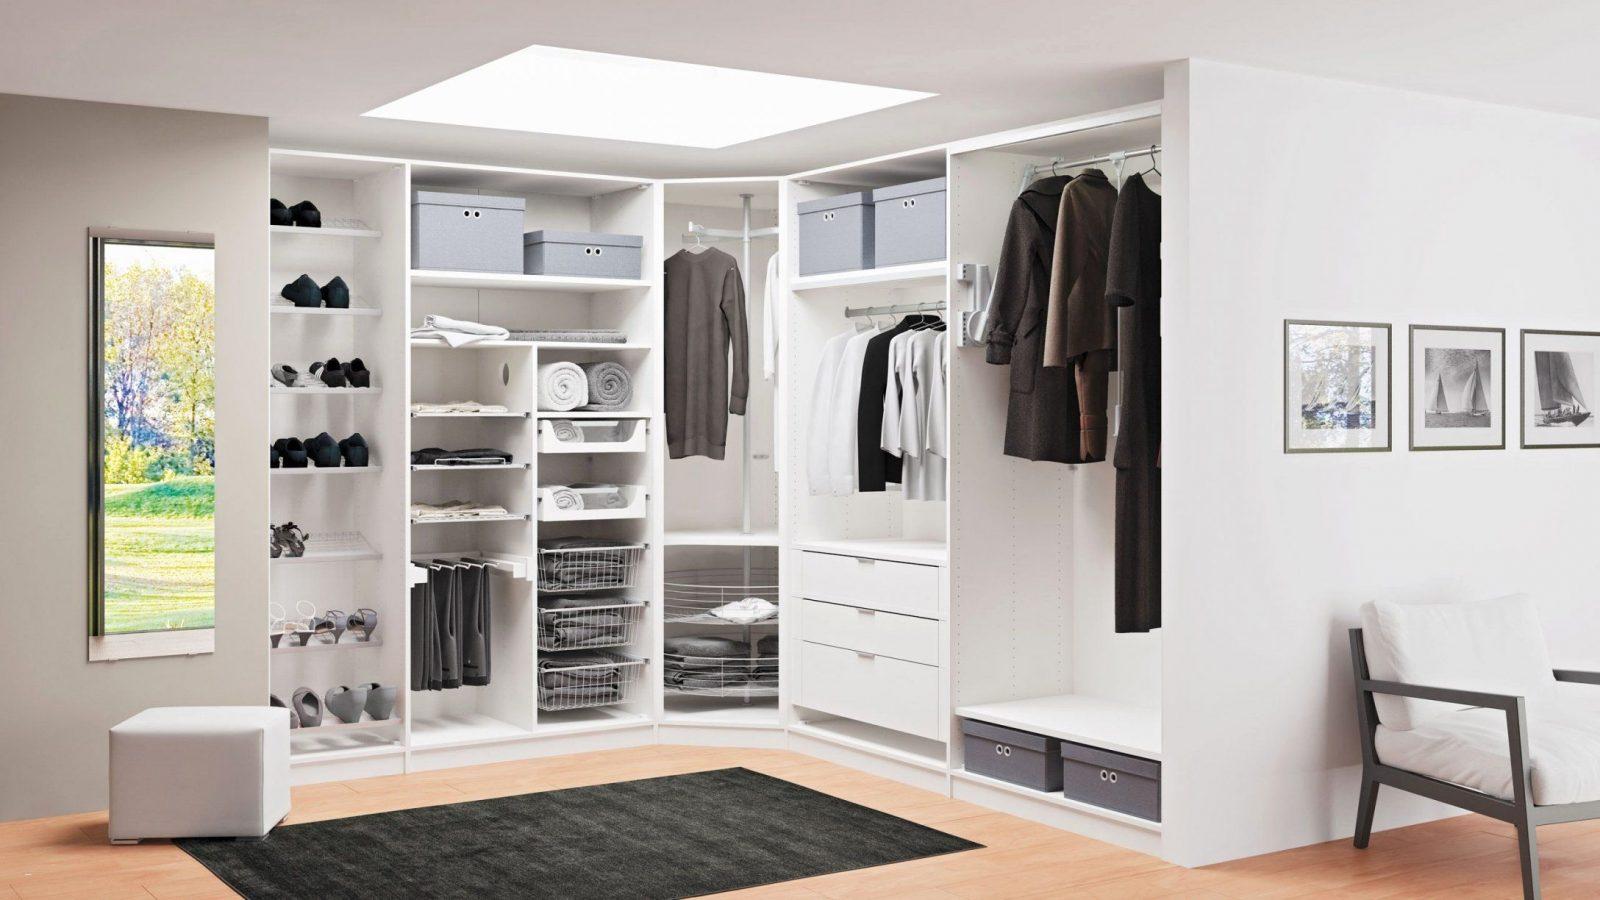 Begehbarer Kleiderschrank Selber Bauen Dachschräge : begehbarer kleiderschrank selber bauen neu elegant kleines ~ Watch28wear.com Haus und Dekorationen